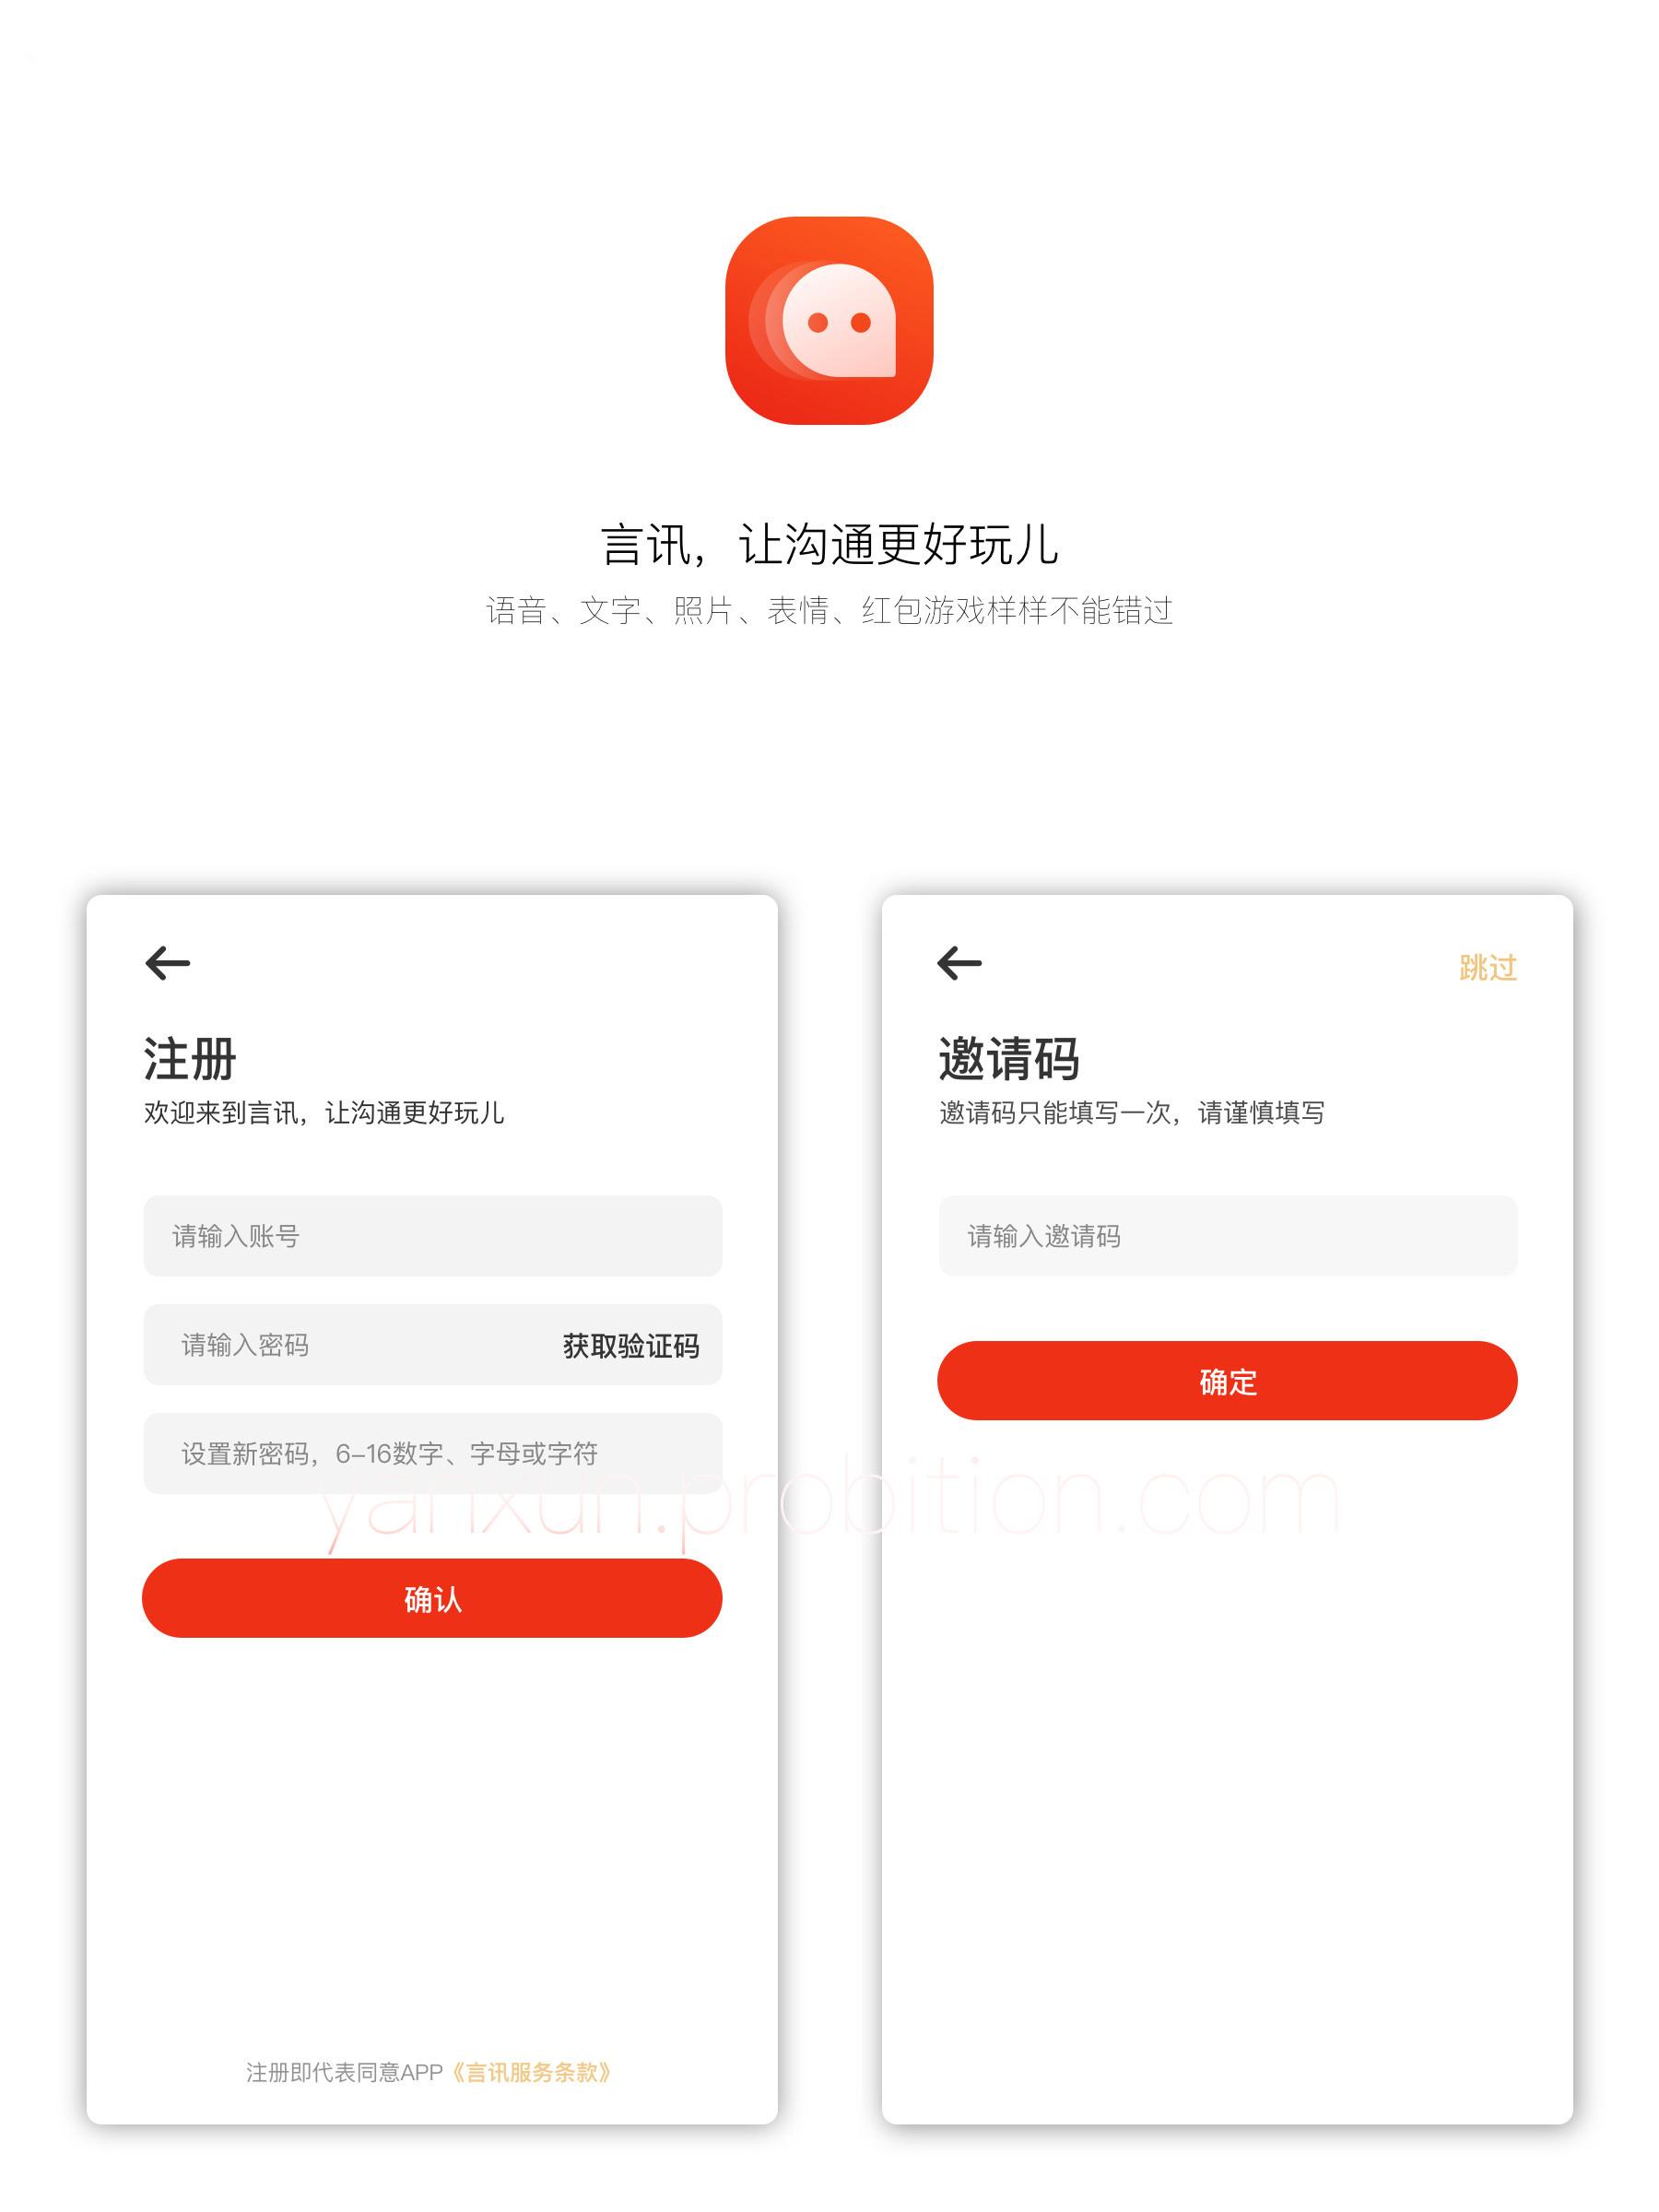 【仿微信聊天APP】2020最新言讯即时聊天通讯安卓苹果双端原生源码-找主题源码